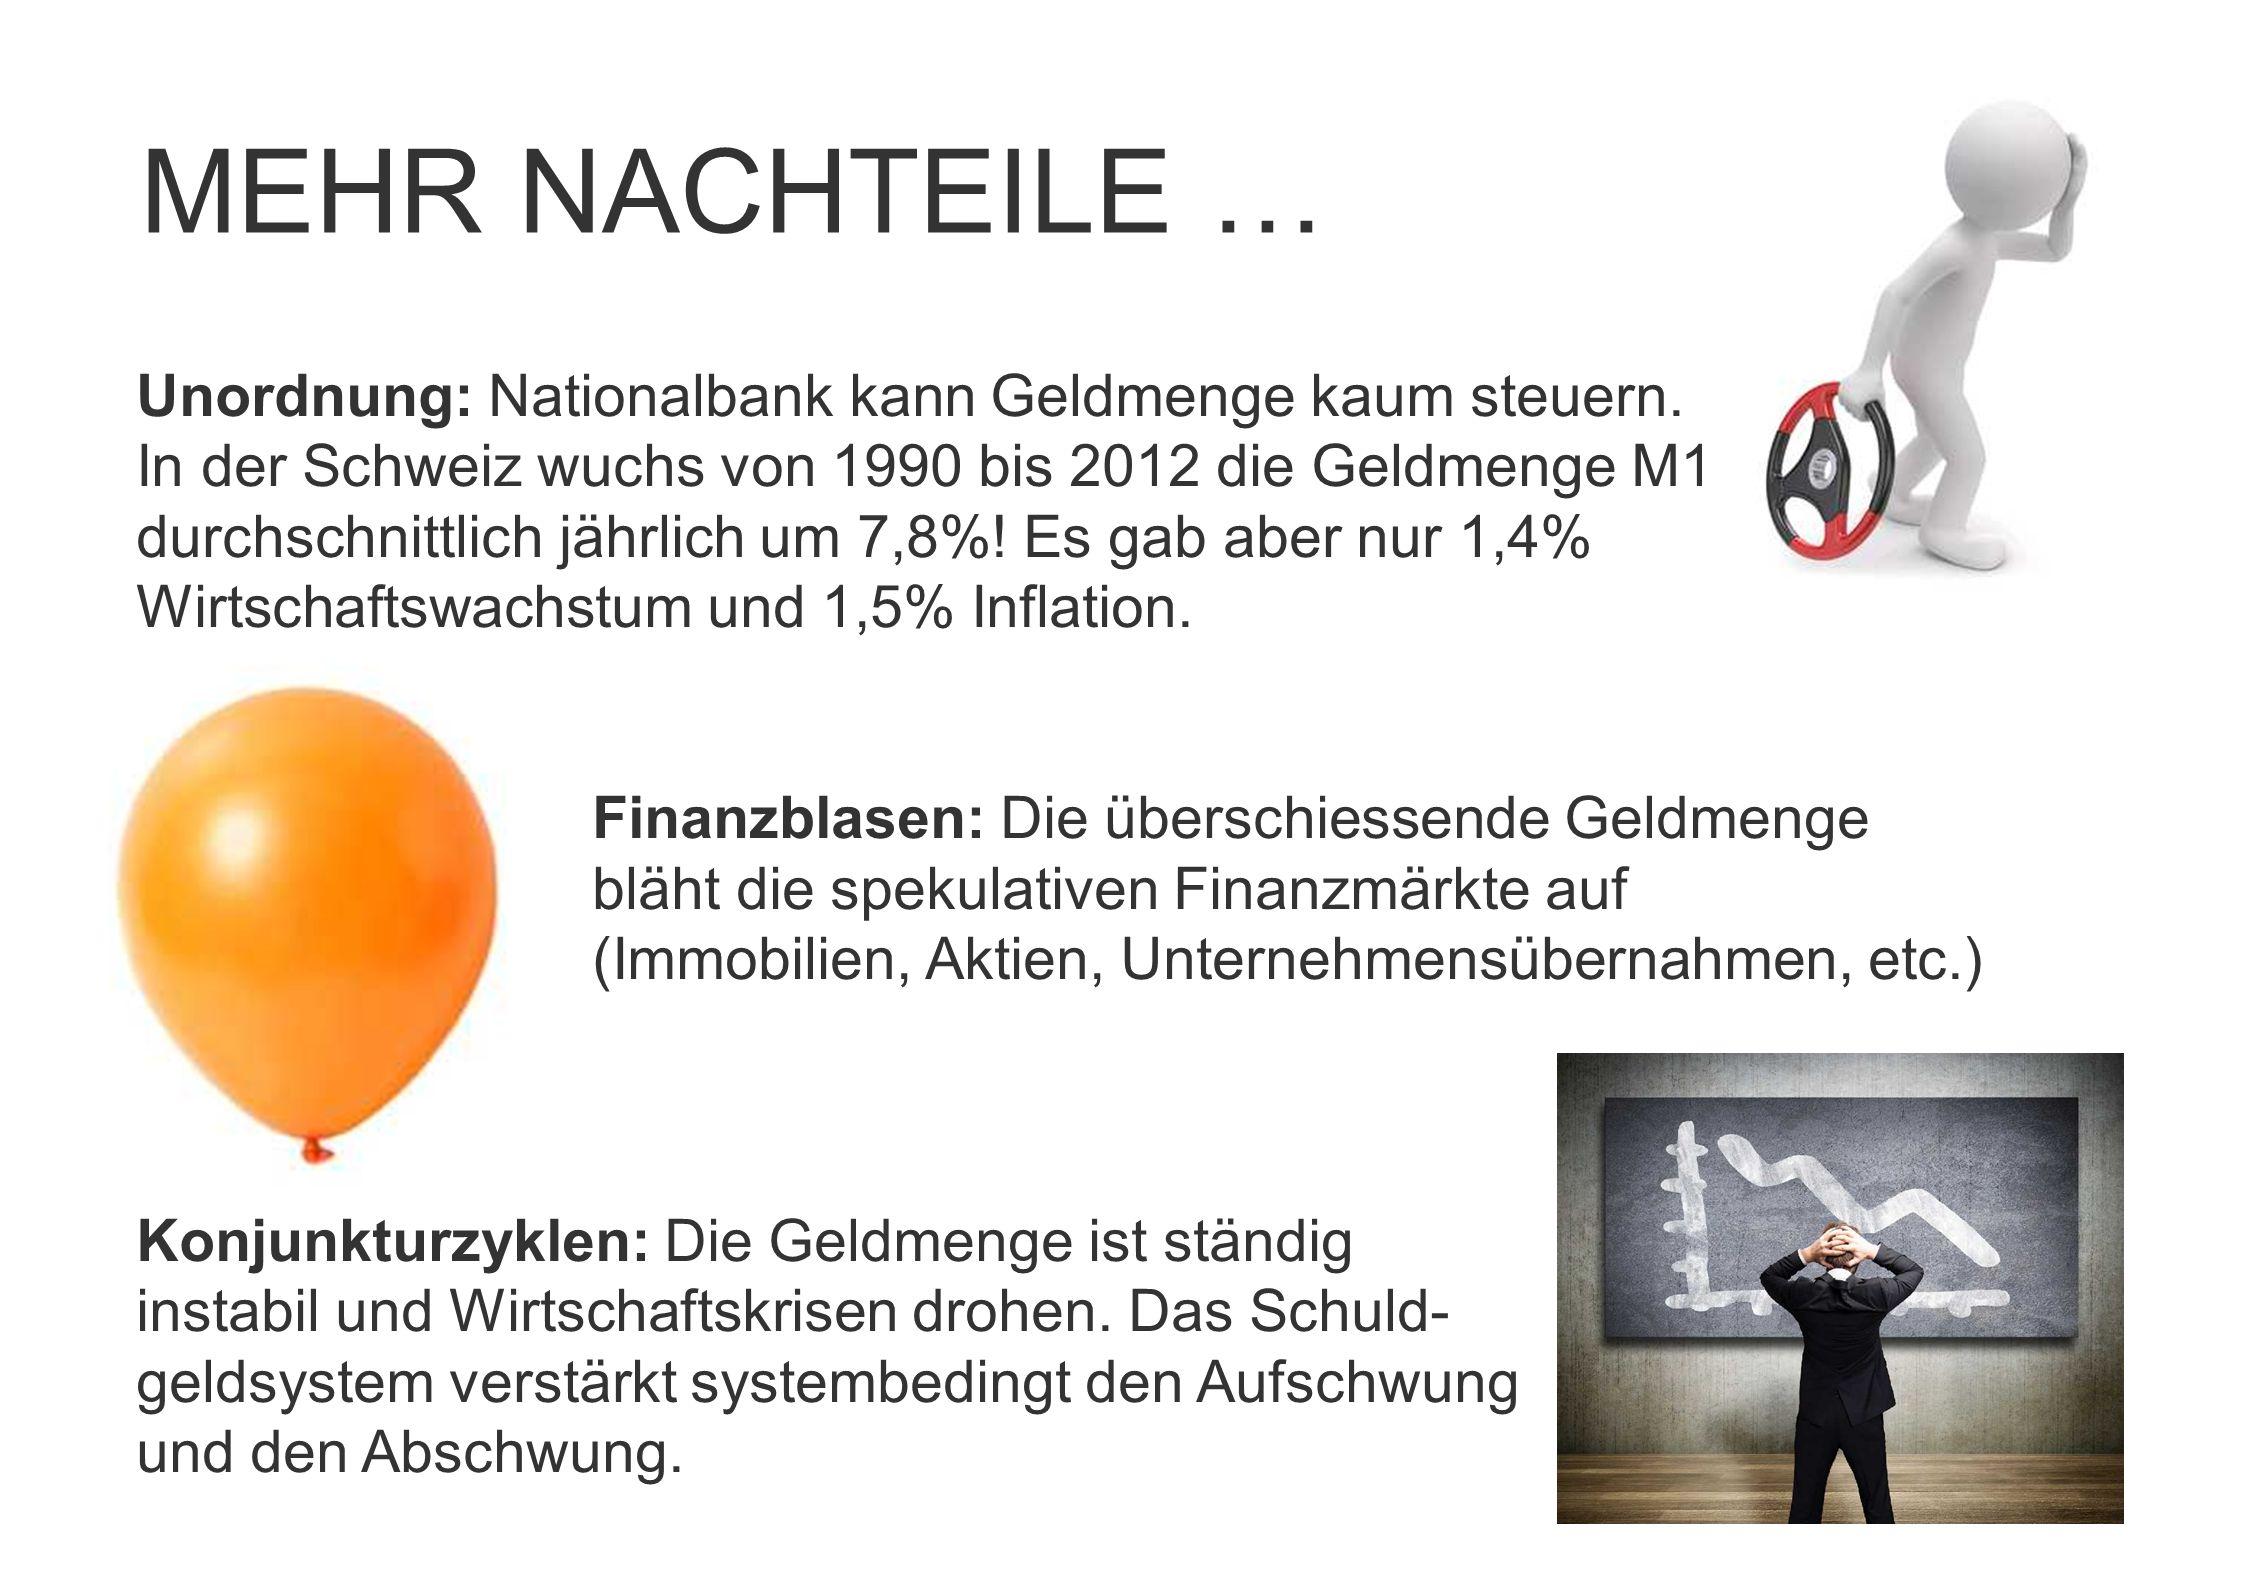 MEHR NACHTEILE … Unordnung: Nationalbank kann Geldmenge kaum steuern.